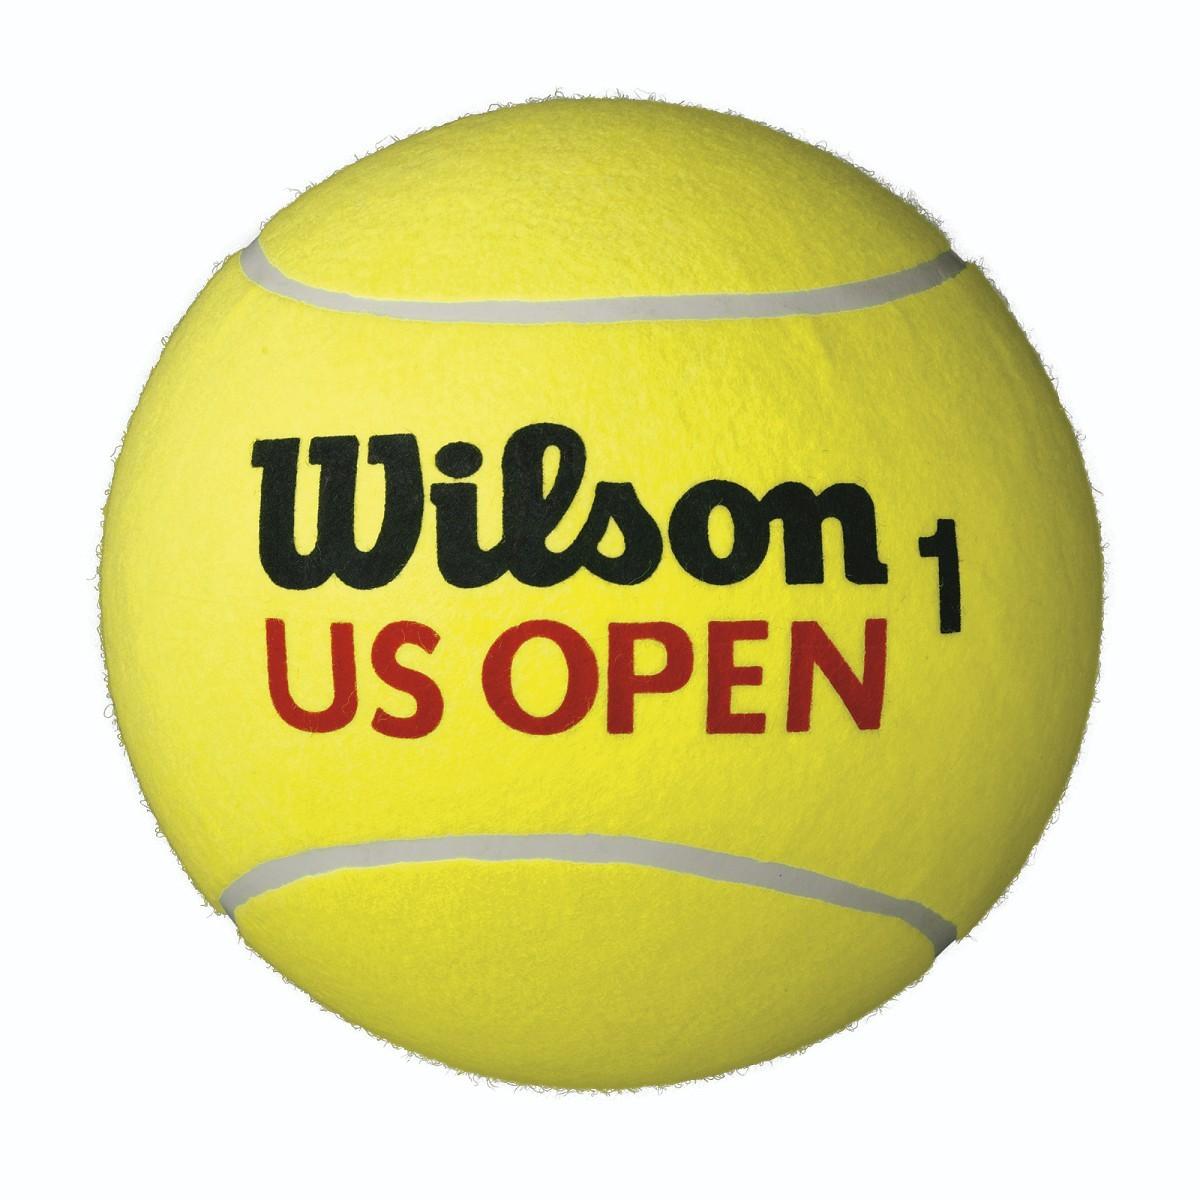 WILSON US OPEN JUMBO YELLOW 9